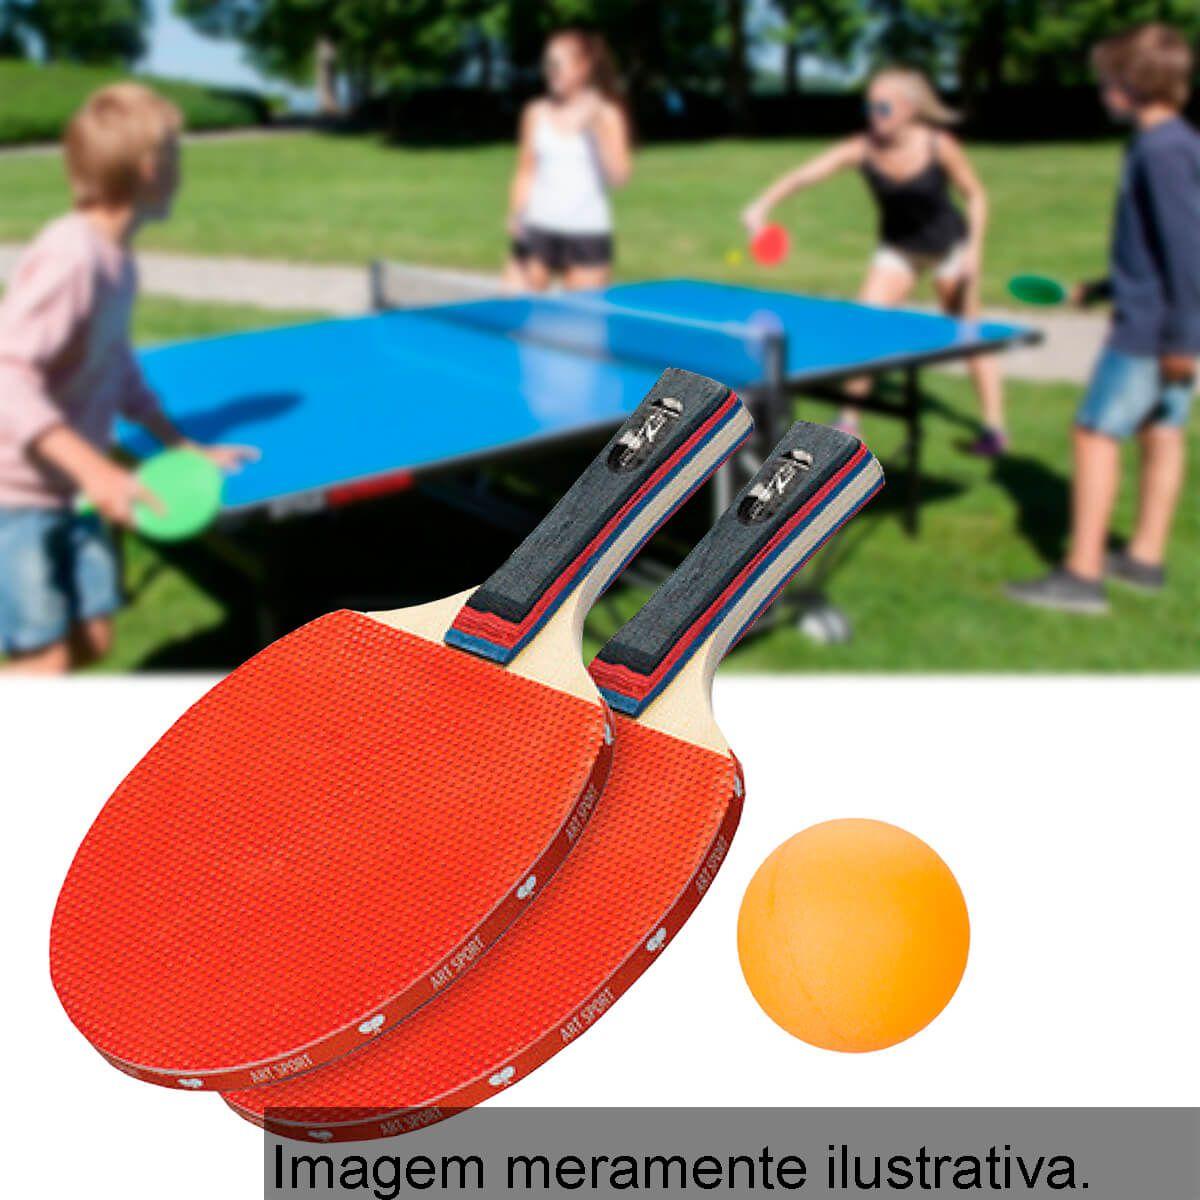 b9d1fdb17 Aê Comprou! Kit Ping Pong Tênis De Mesa 2 Raquetes